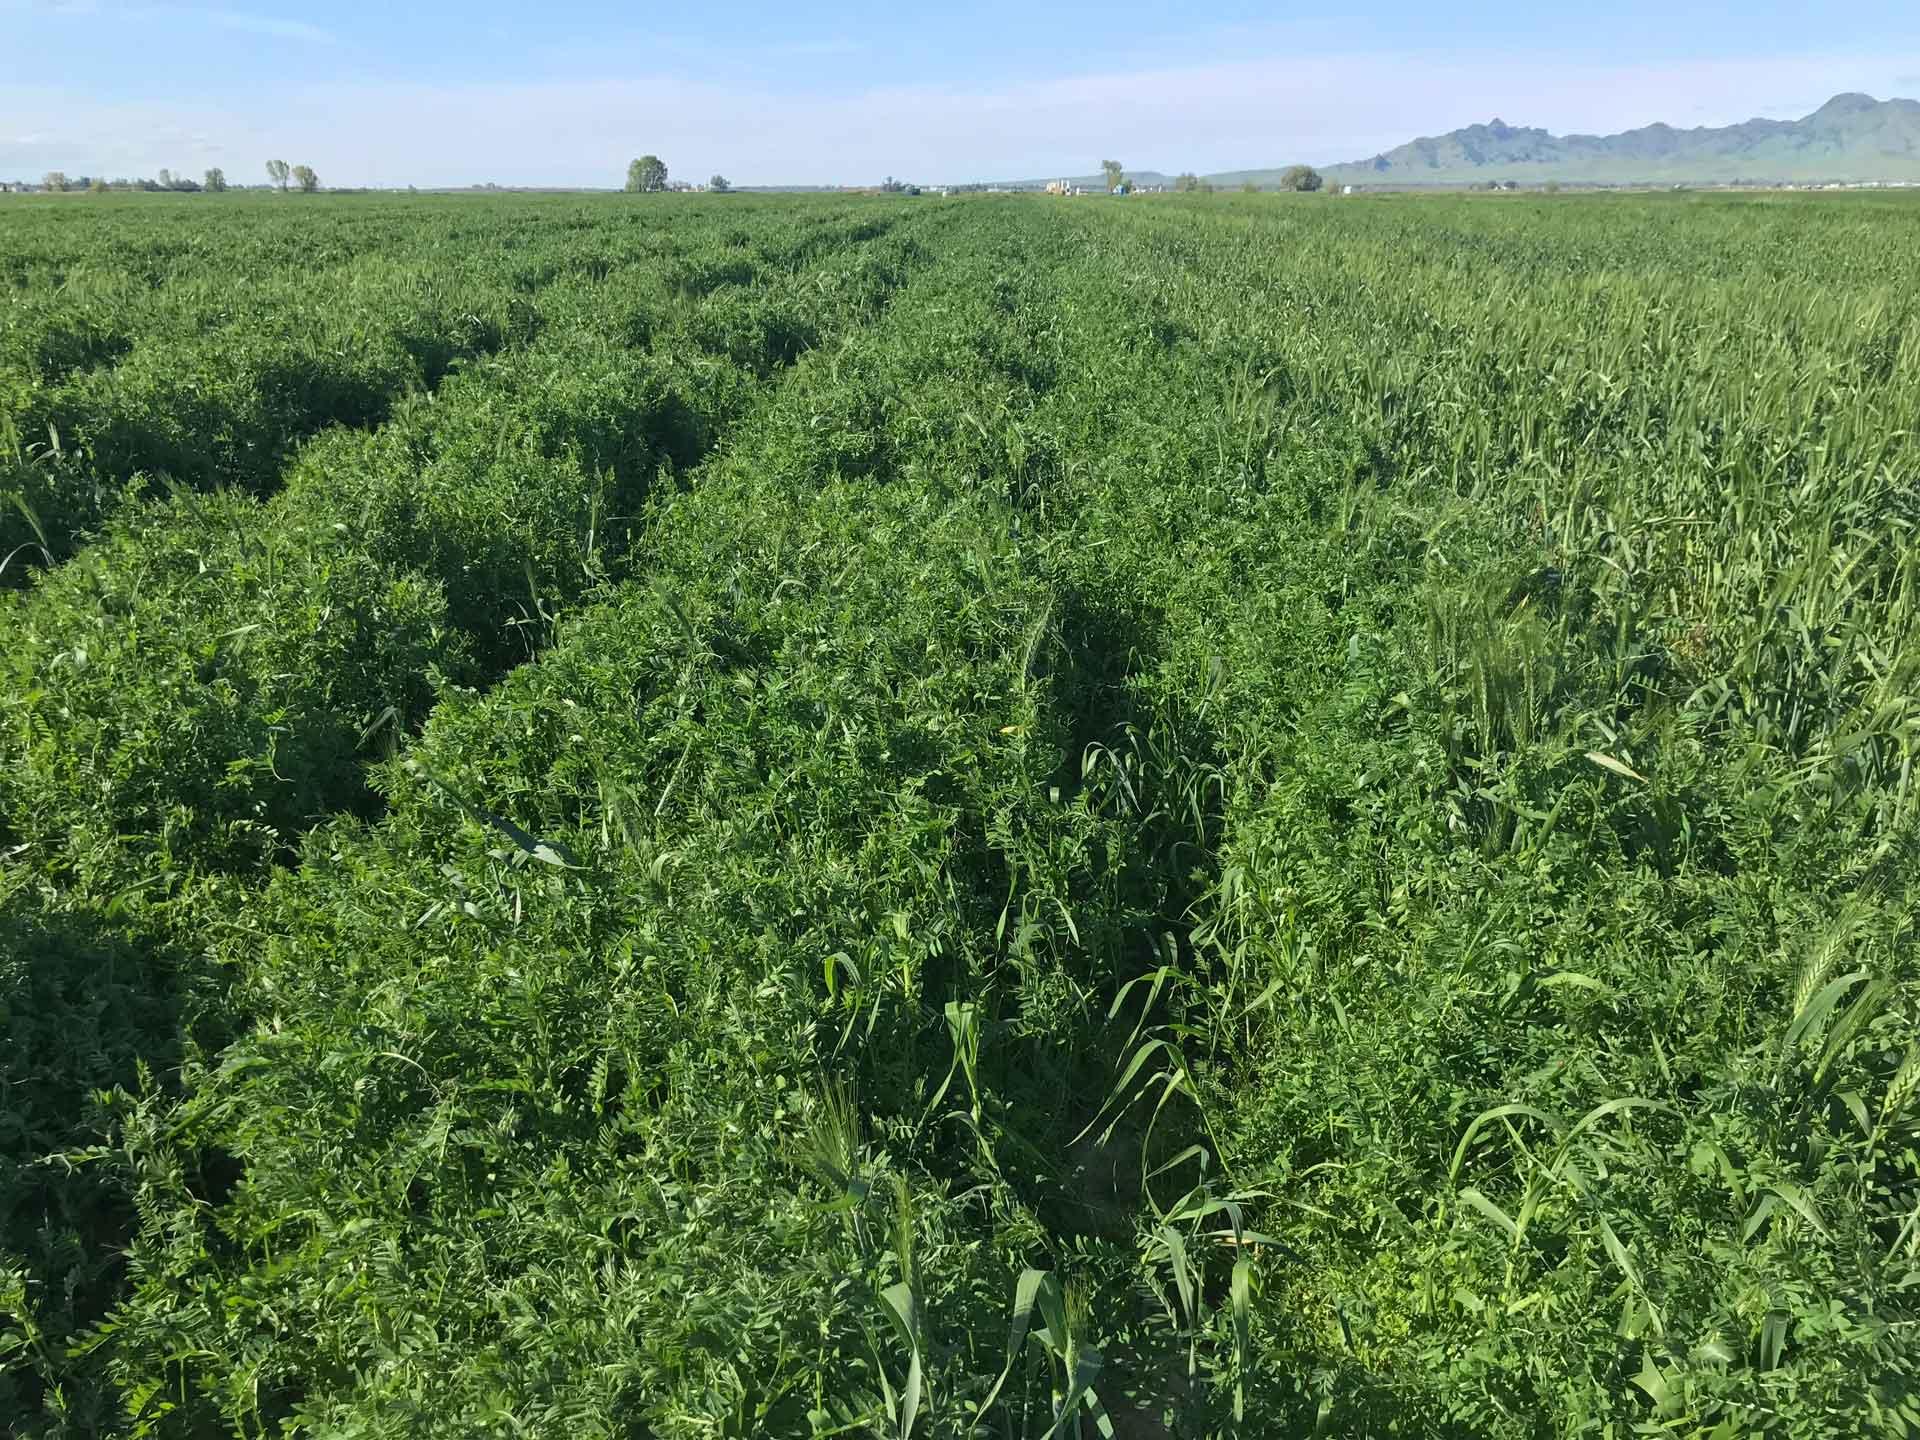 Winter vetch cover crop